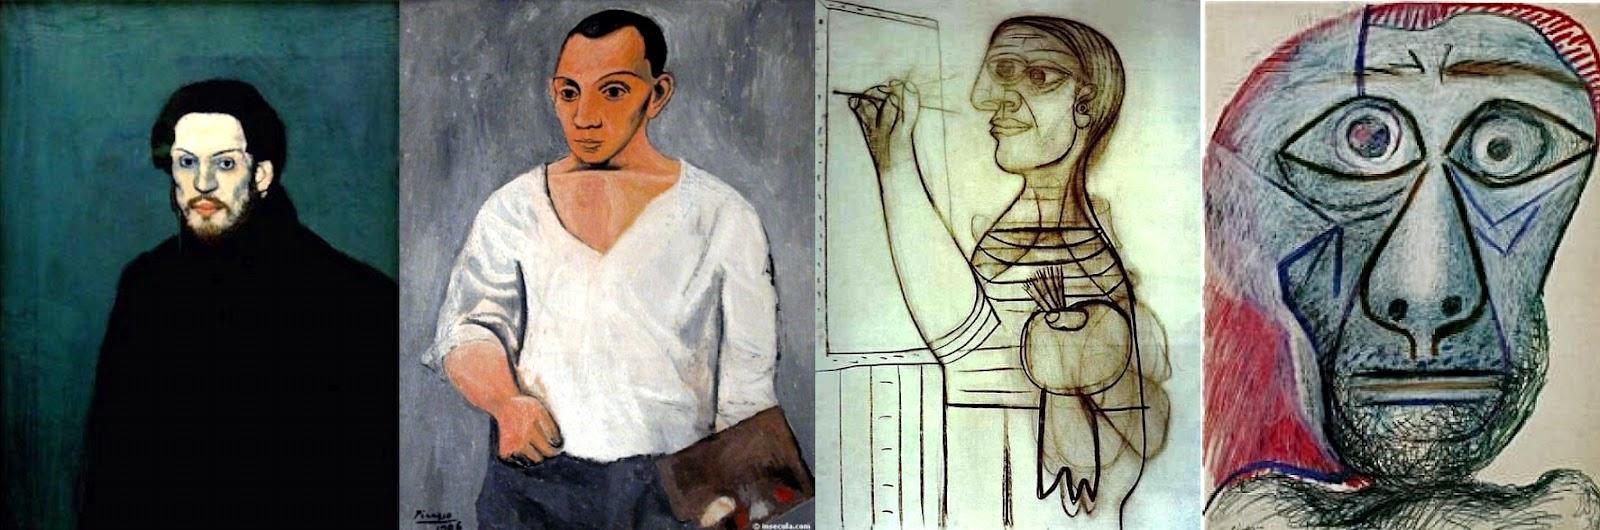 le prix reste stable sur des pieds à matériaux de qualité supérieure histoire-d-arts: fiche revision Picasso les 4 autoportraits